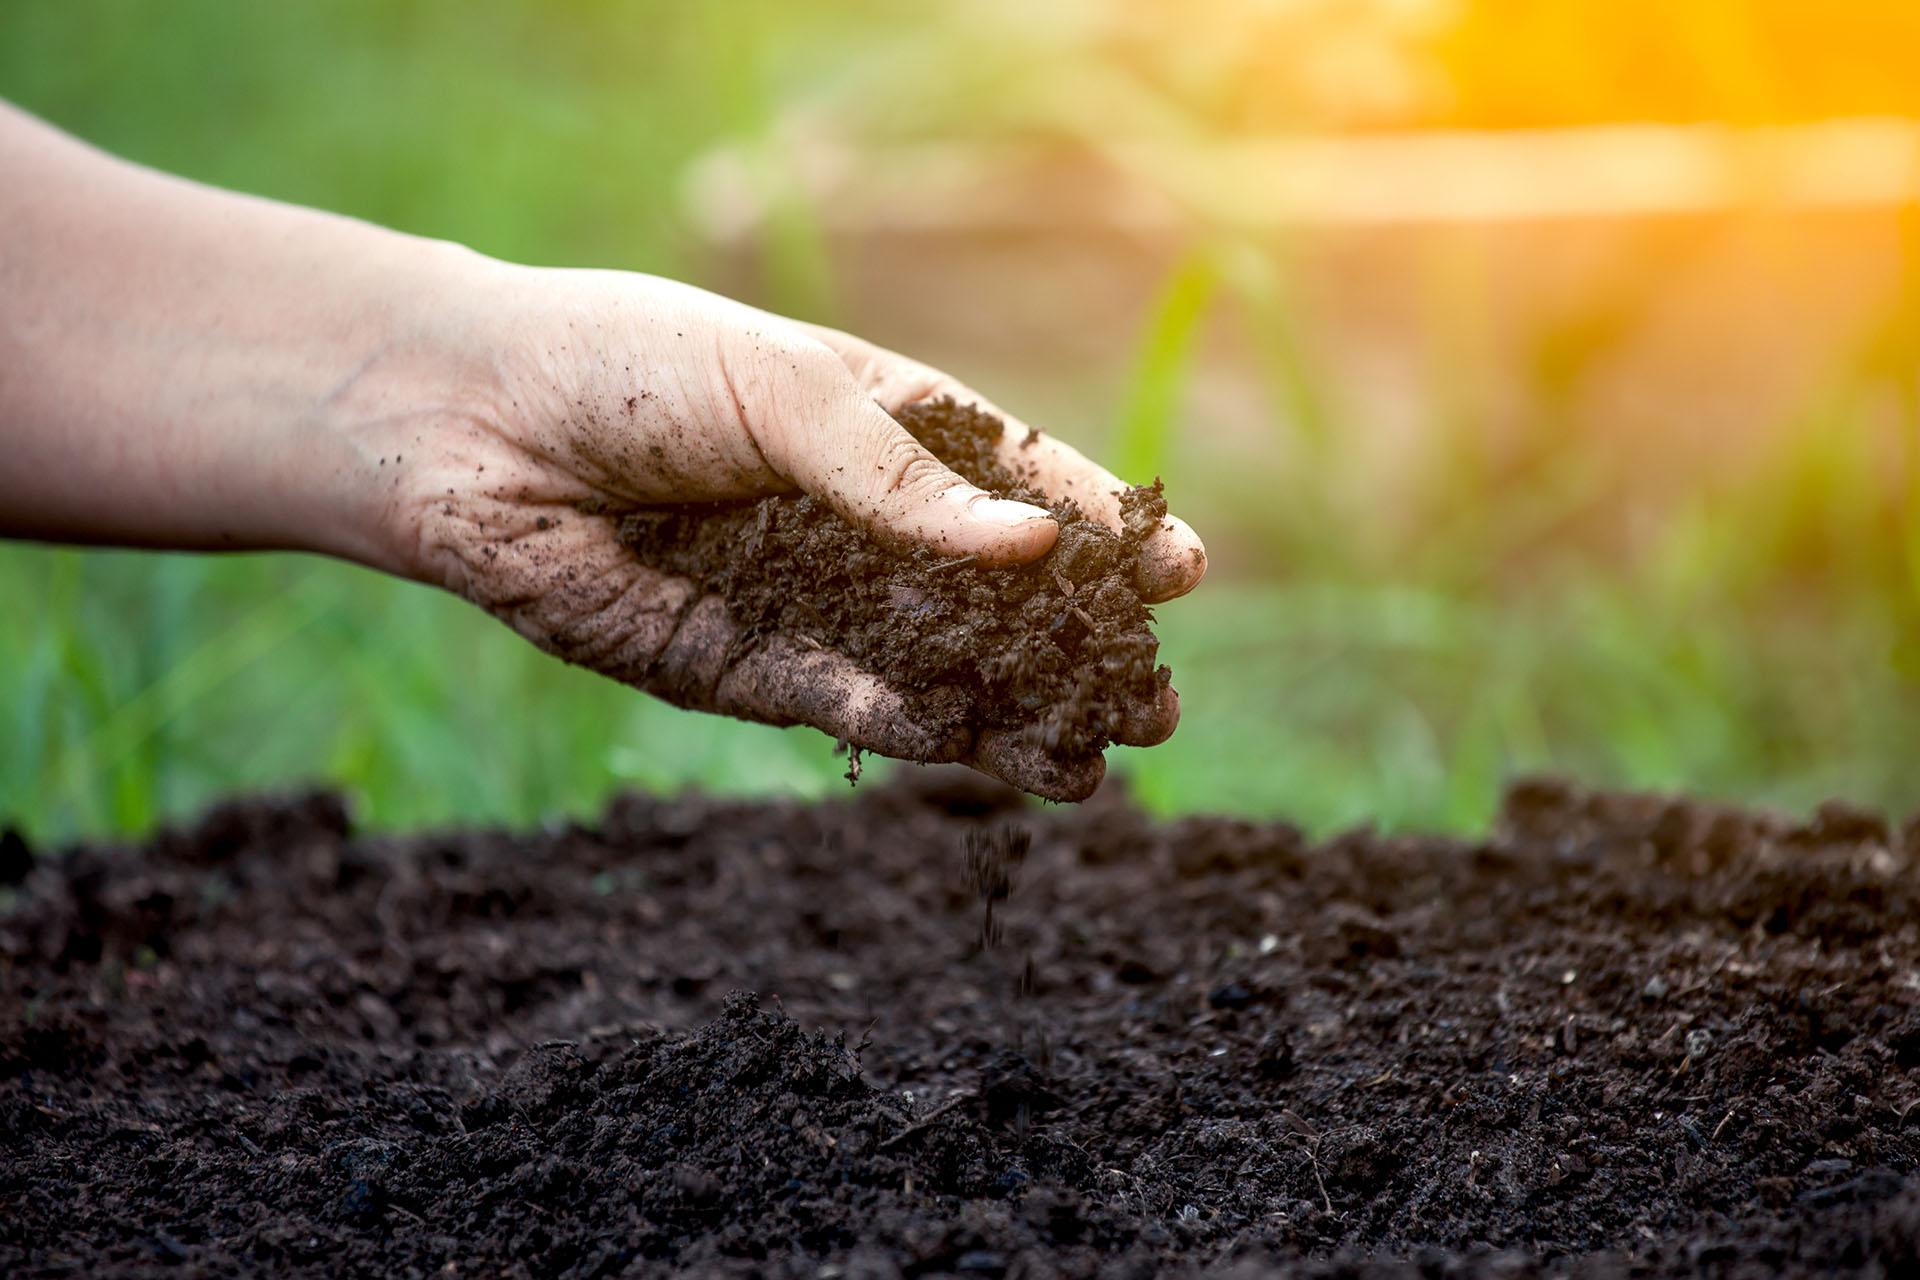 субстраты для выращивания каннабиса, земля